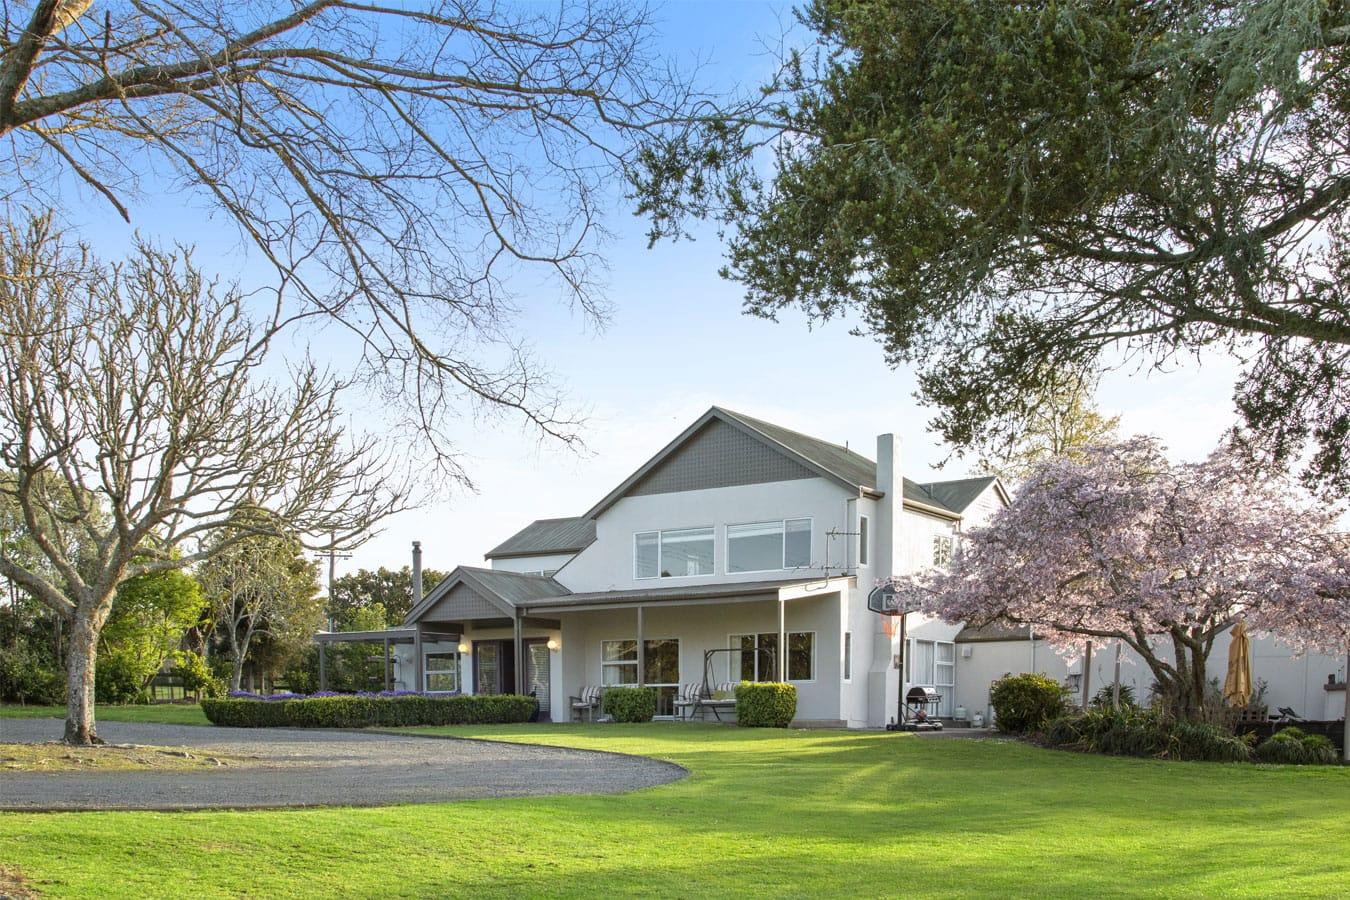 Stay-at-maxwells-golf-retreat